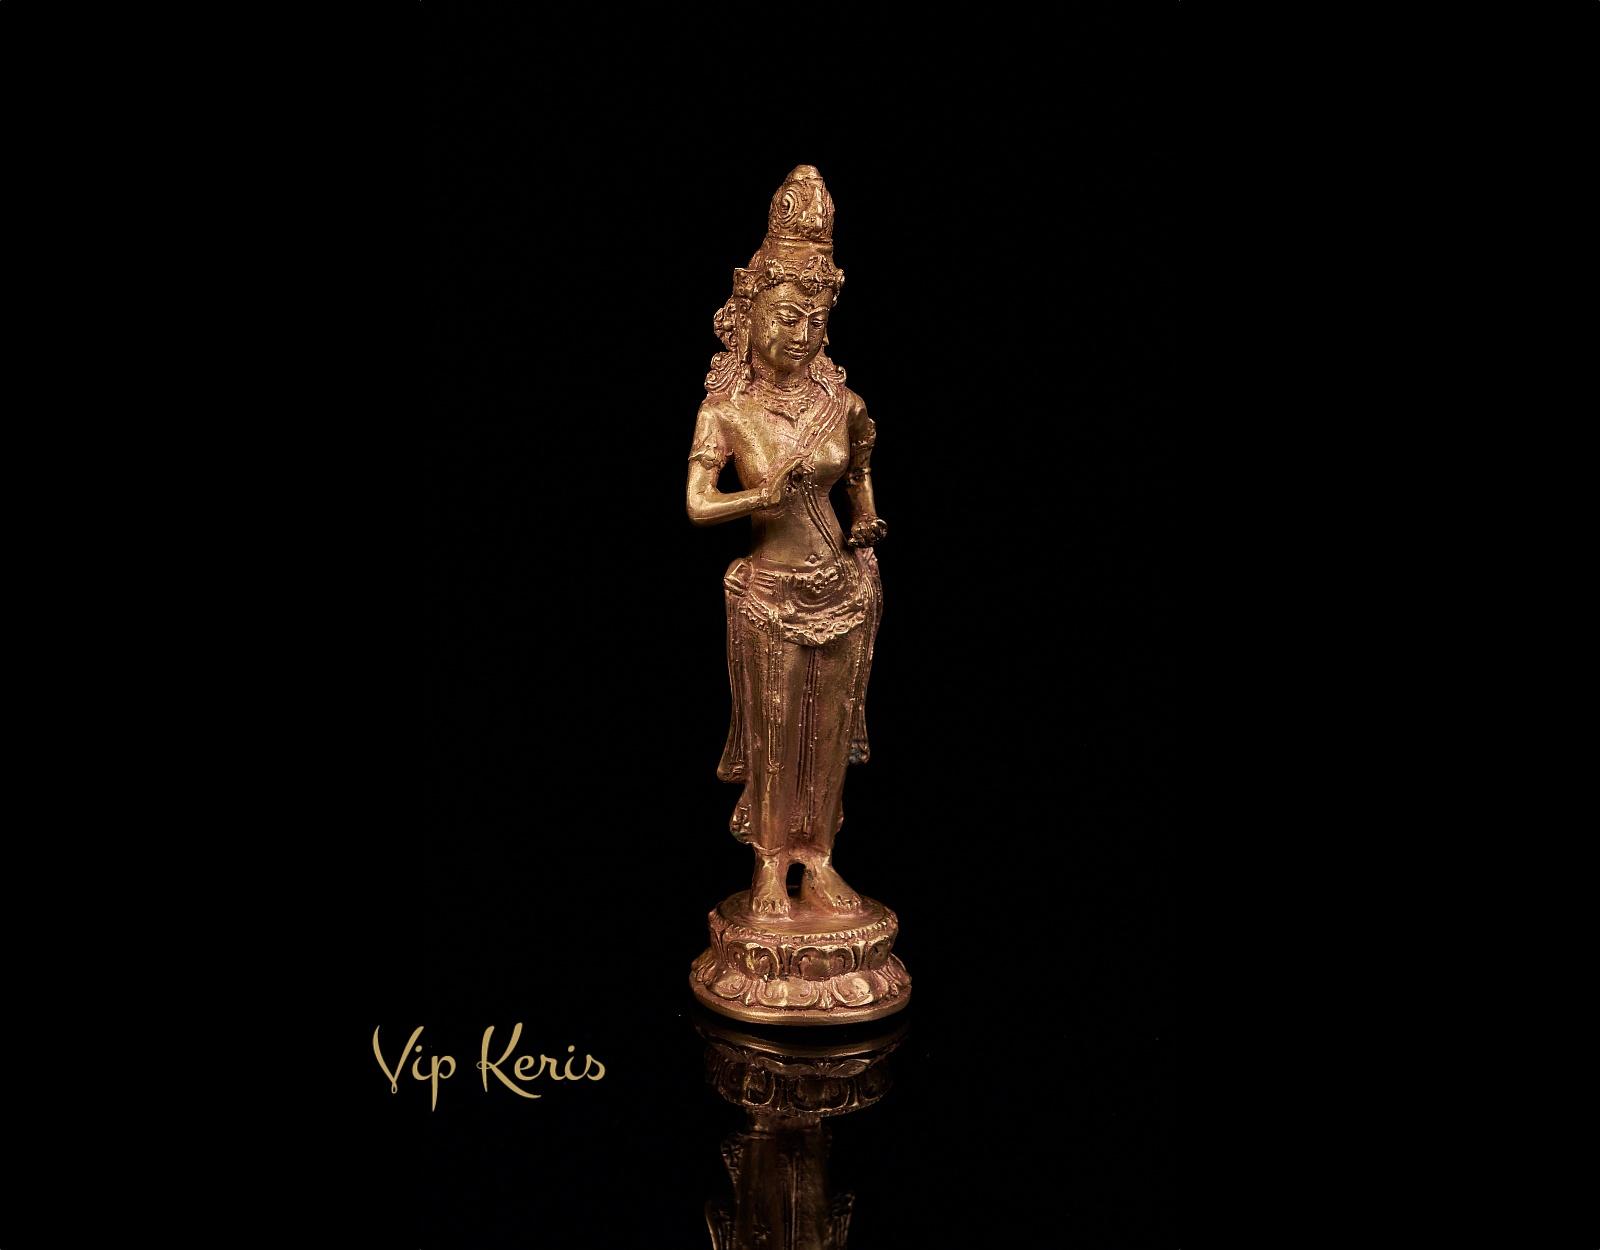 Редкая старинная алтарная статуя Лакшми. фото VipKeris